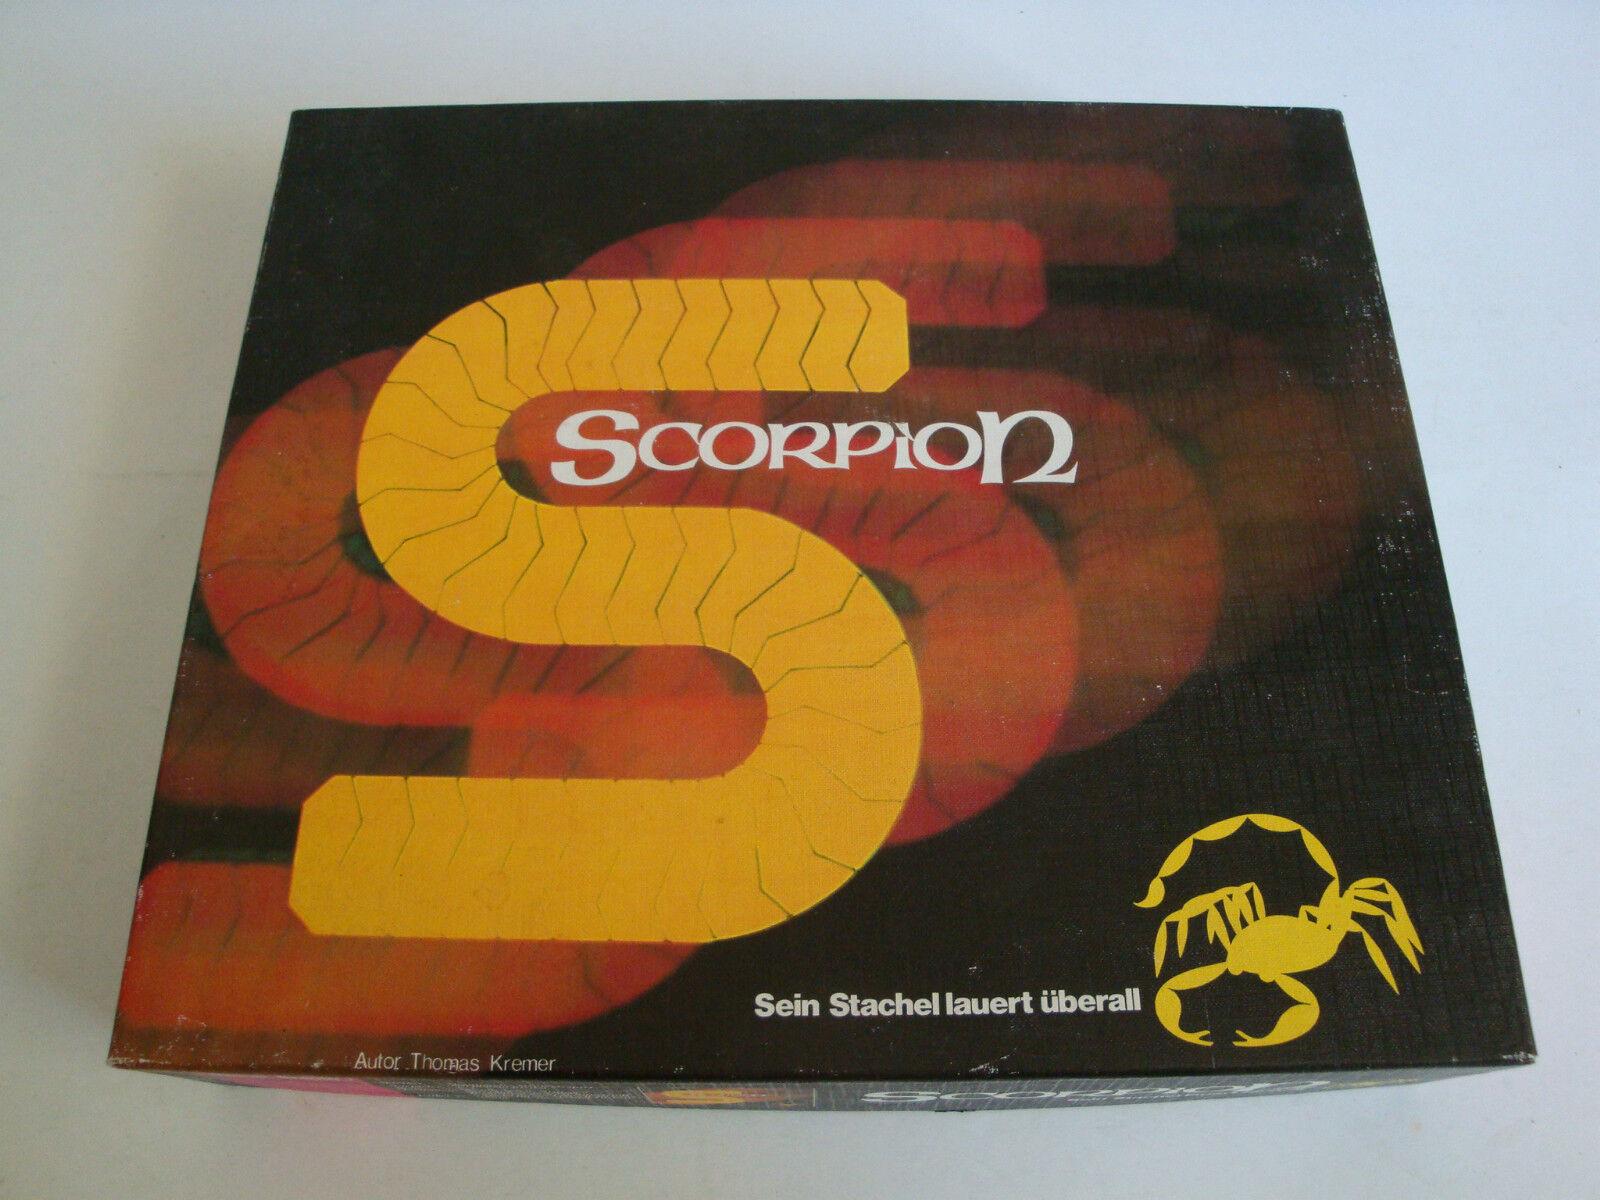 Scorpion - Sein Stachel lauert überall